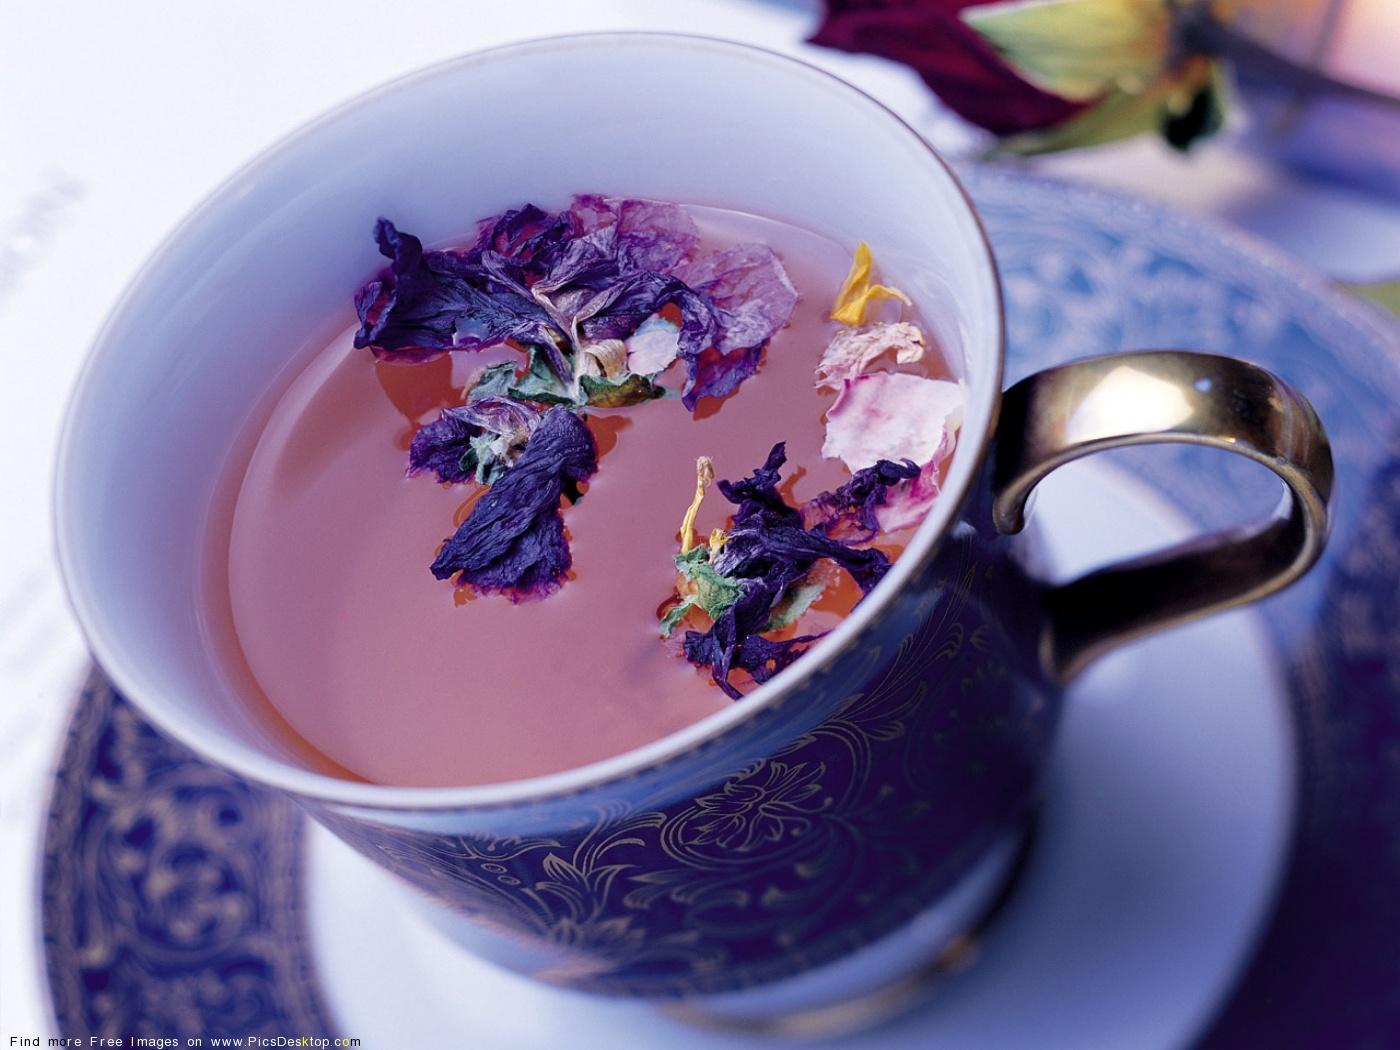 Цветочный чай 1280x1024 девушка с